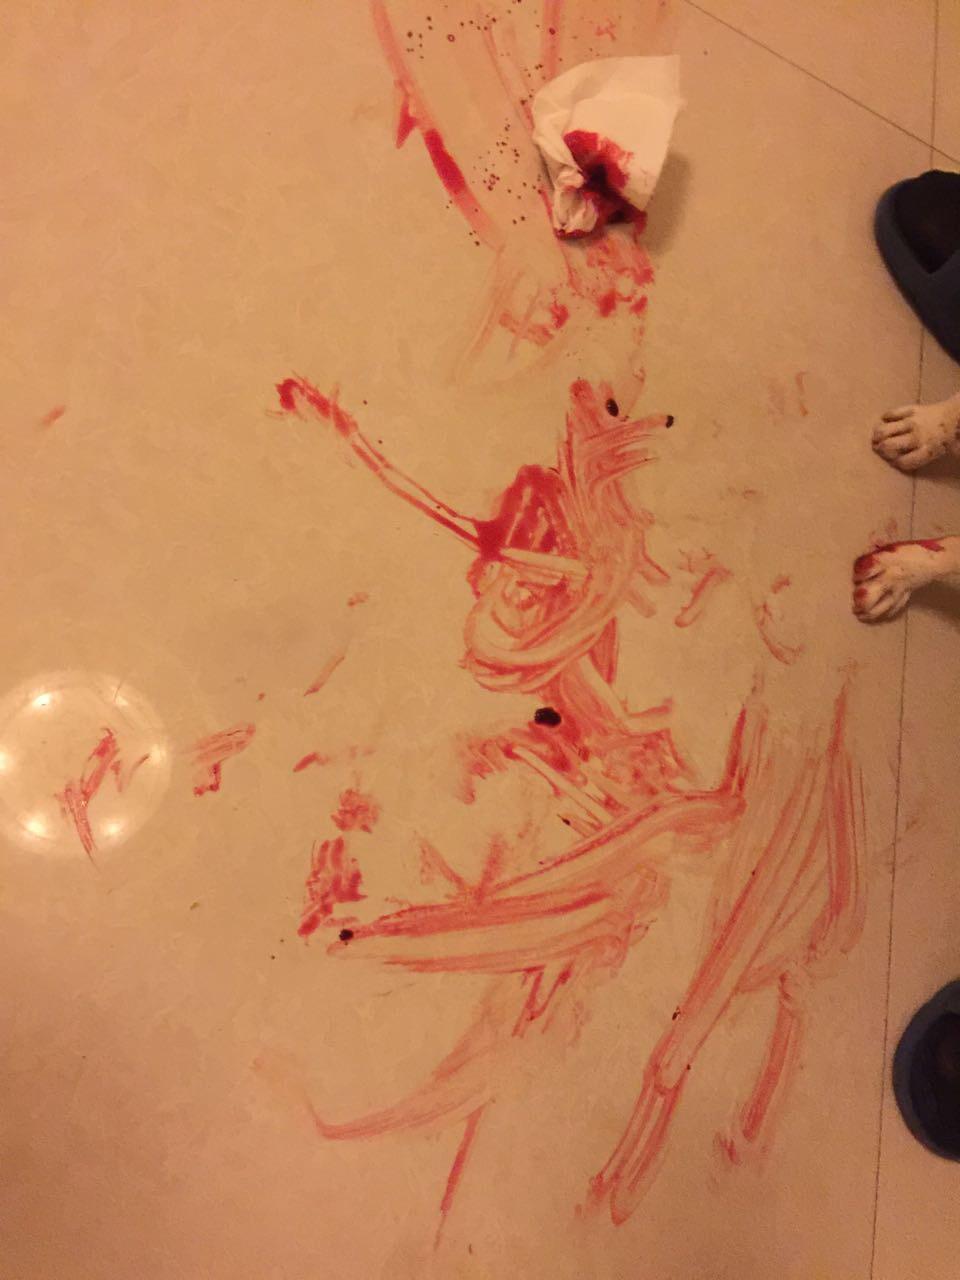 伤口图片流血素材p图